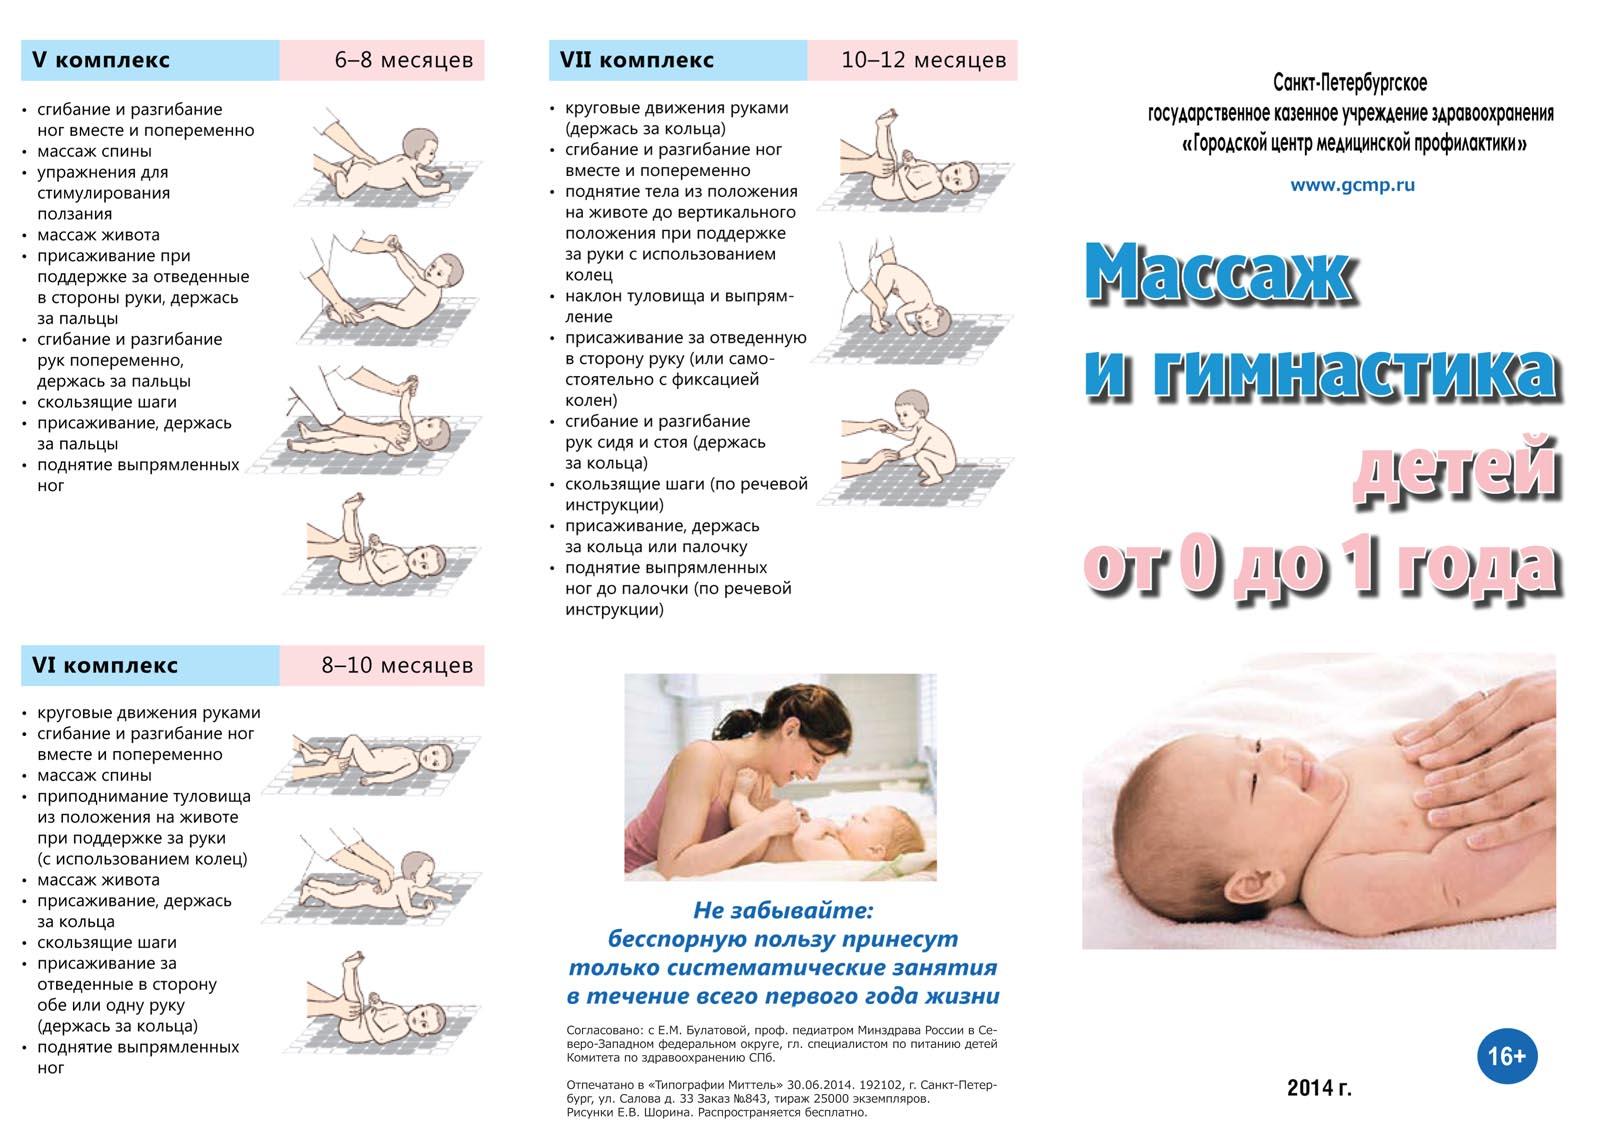 bukl14_massage0-1